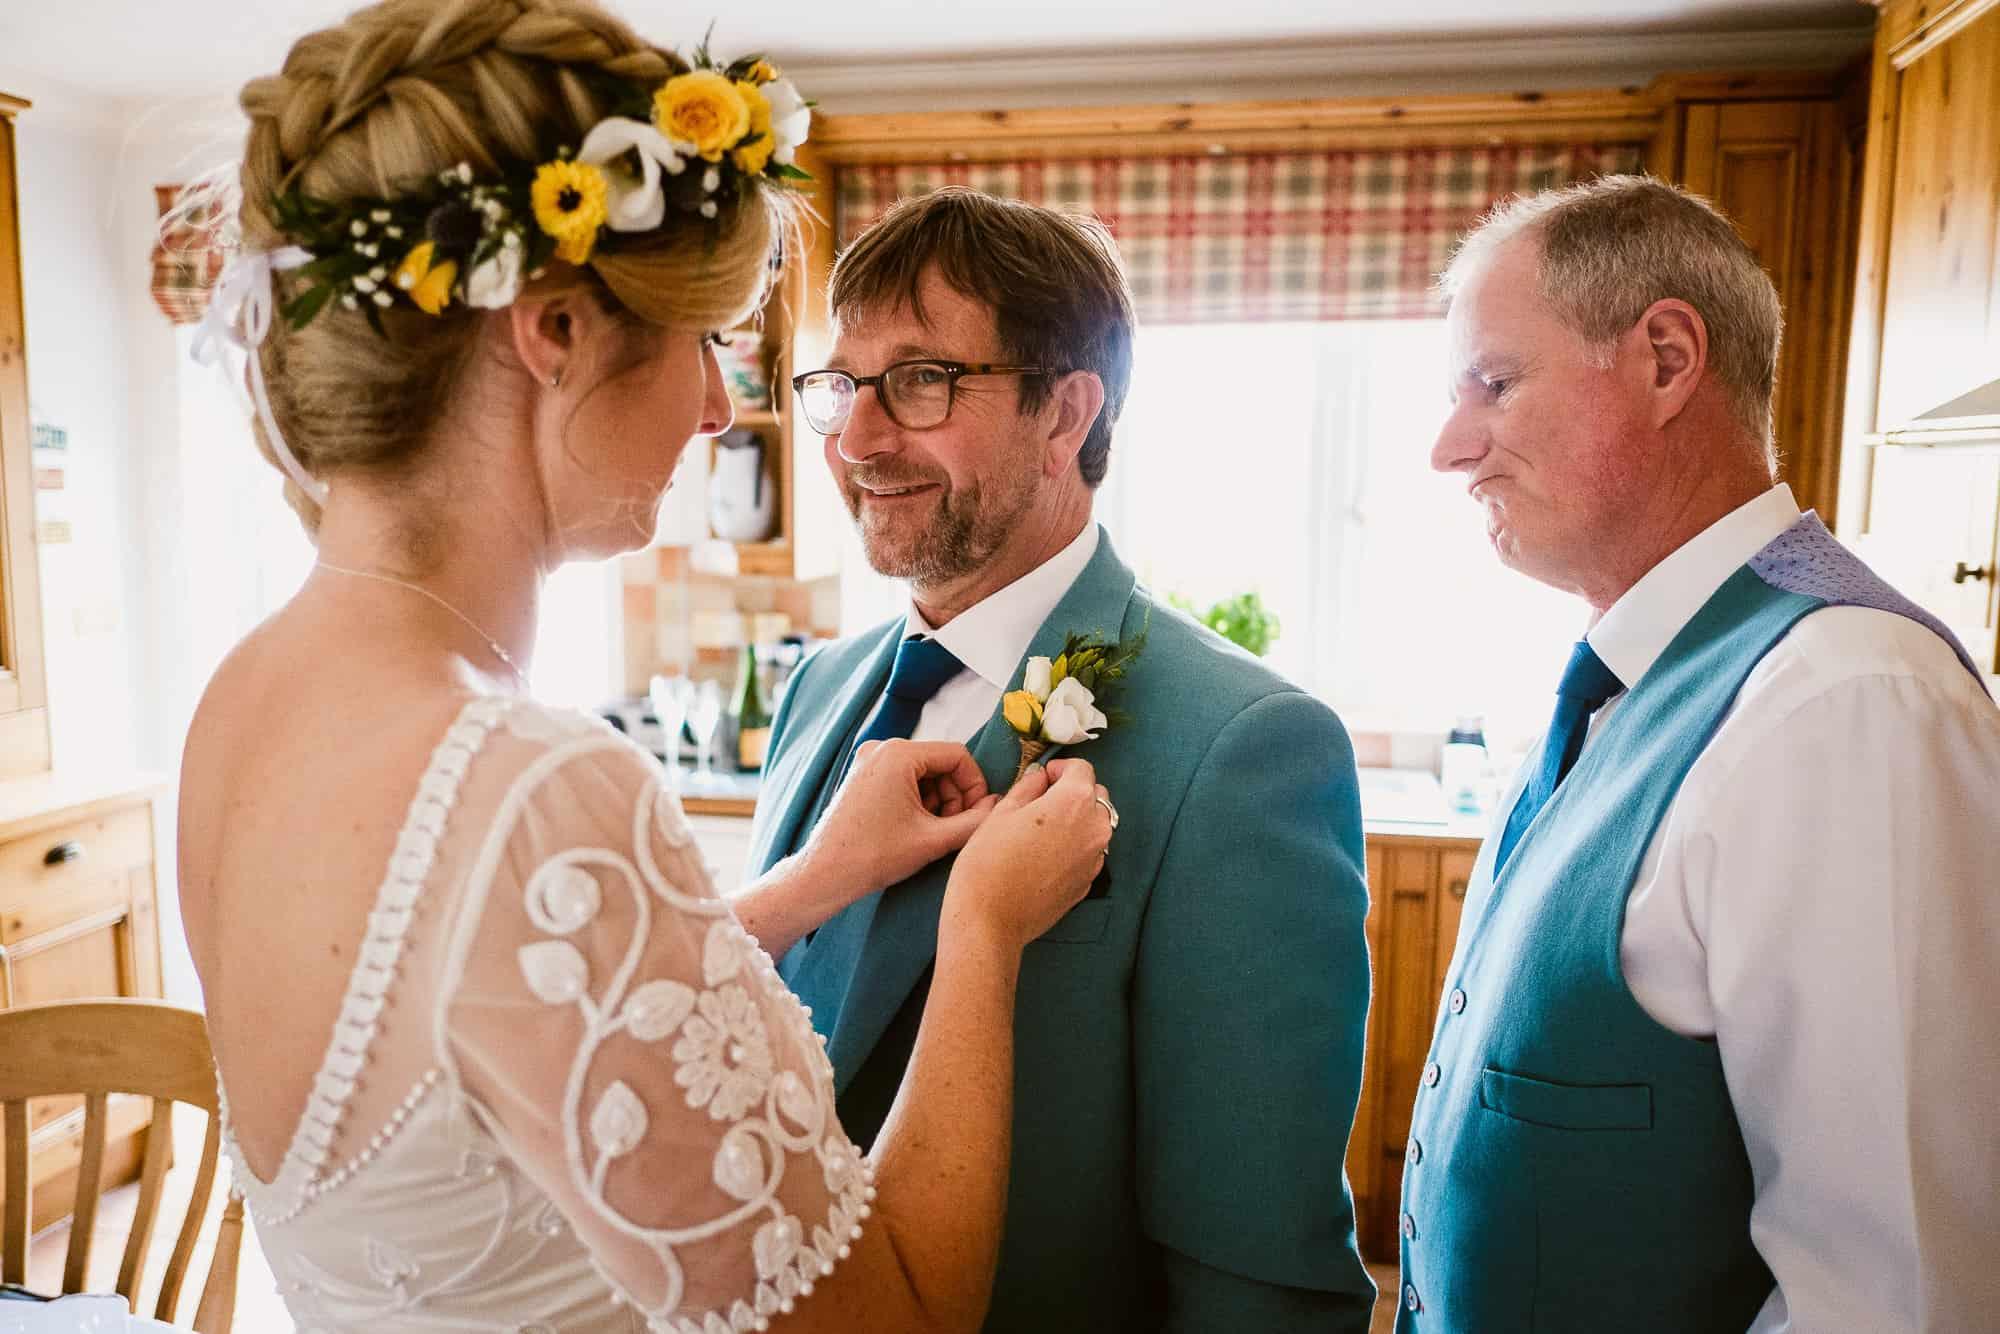 east-quay-wedding-photography-matt-tyler-0018